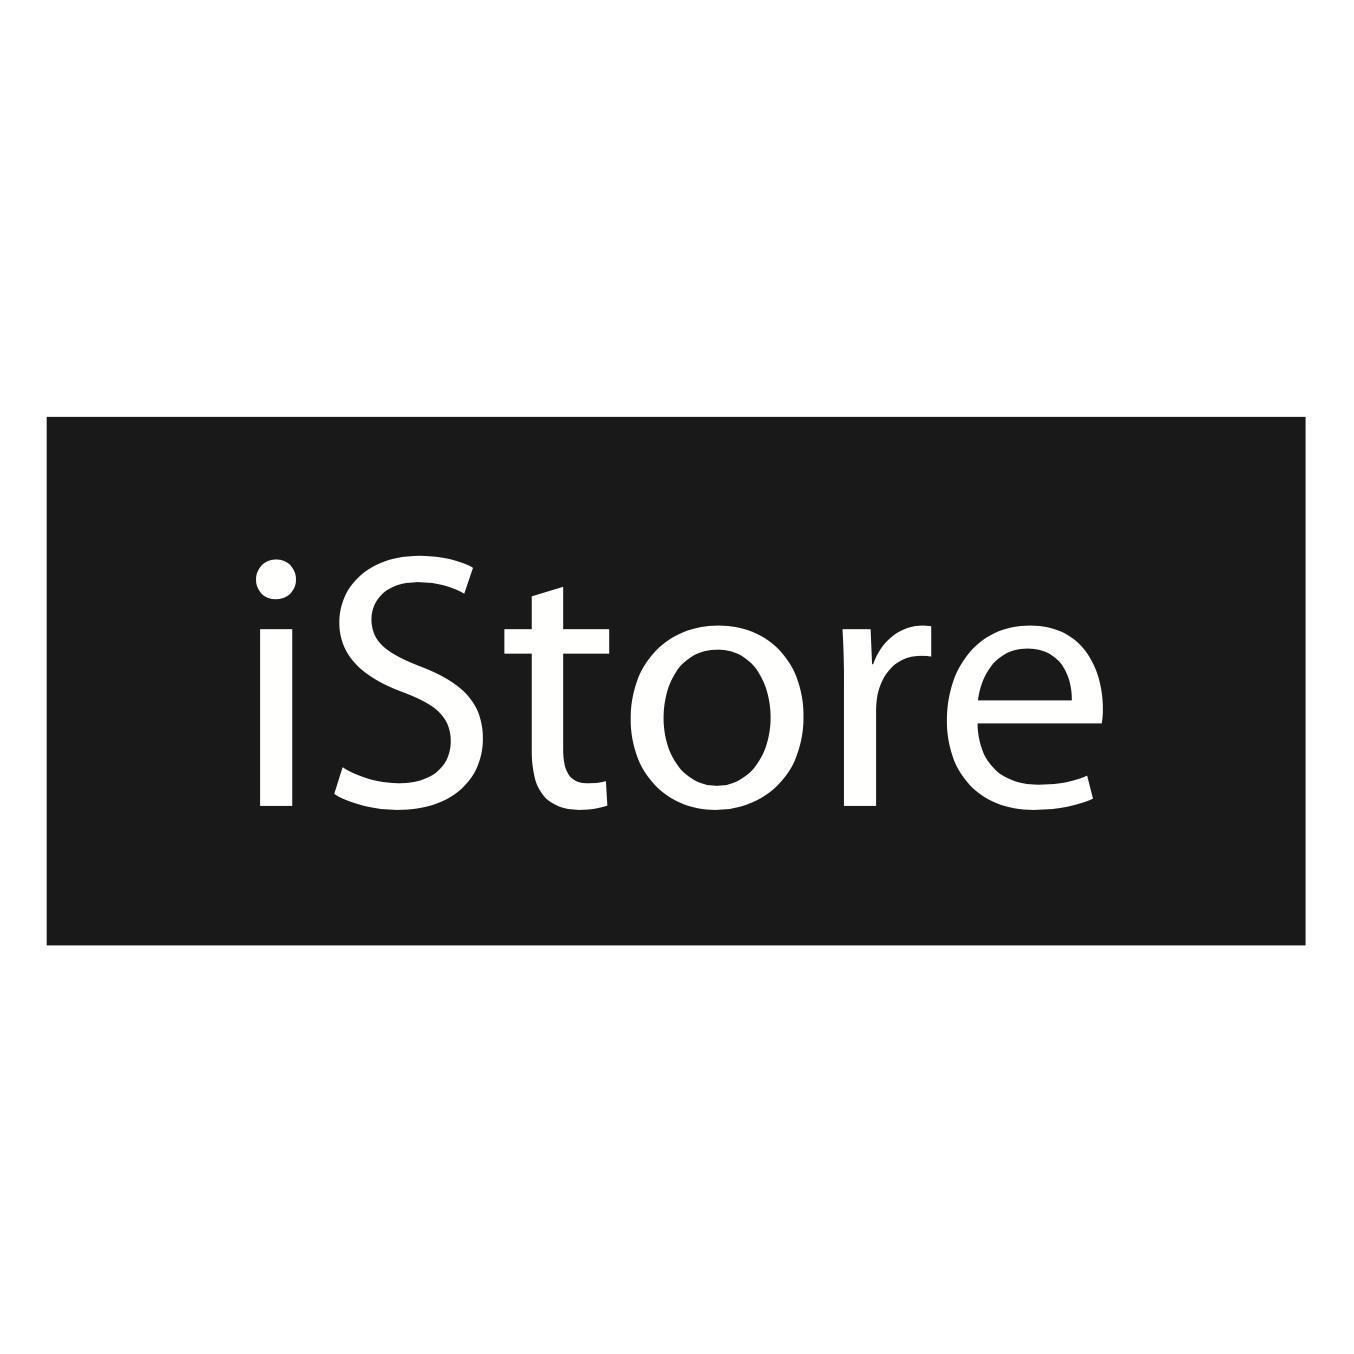 iPhone 8 Plus / 7 Plus Silicone Case - Dark Olive